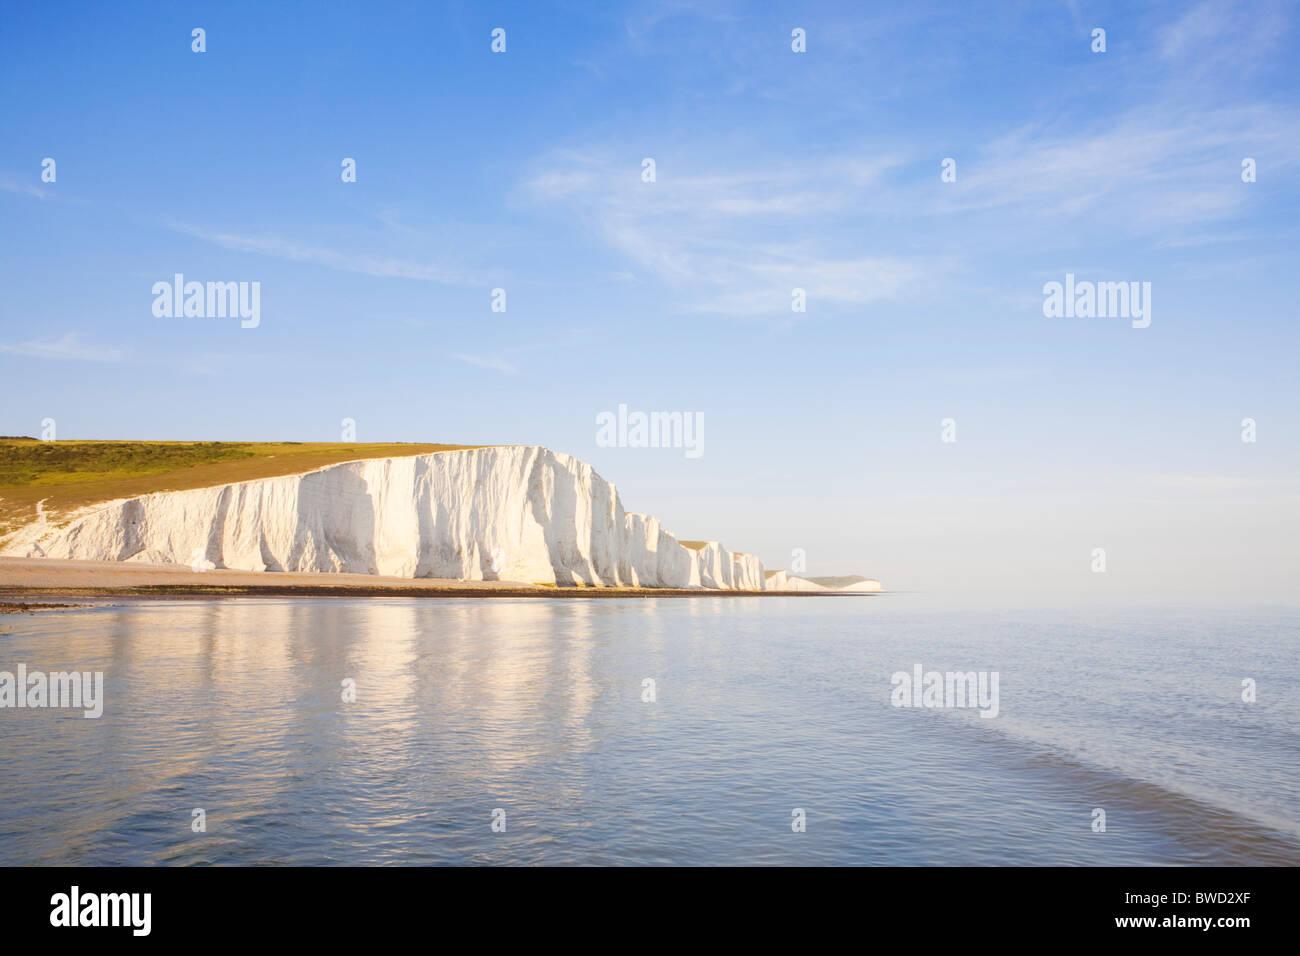 Tramonto a sette sorelle; East Sussex; Inghilterra, Gran Bretagna Immagini Stock